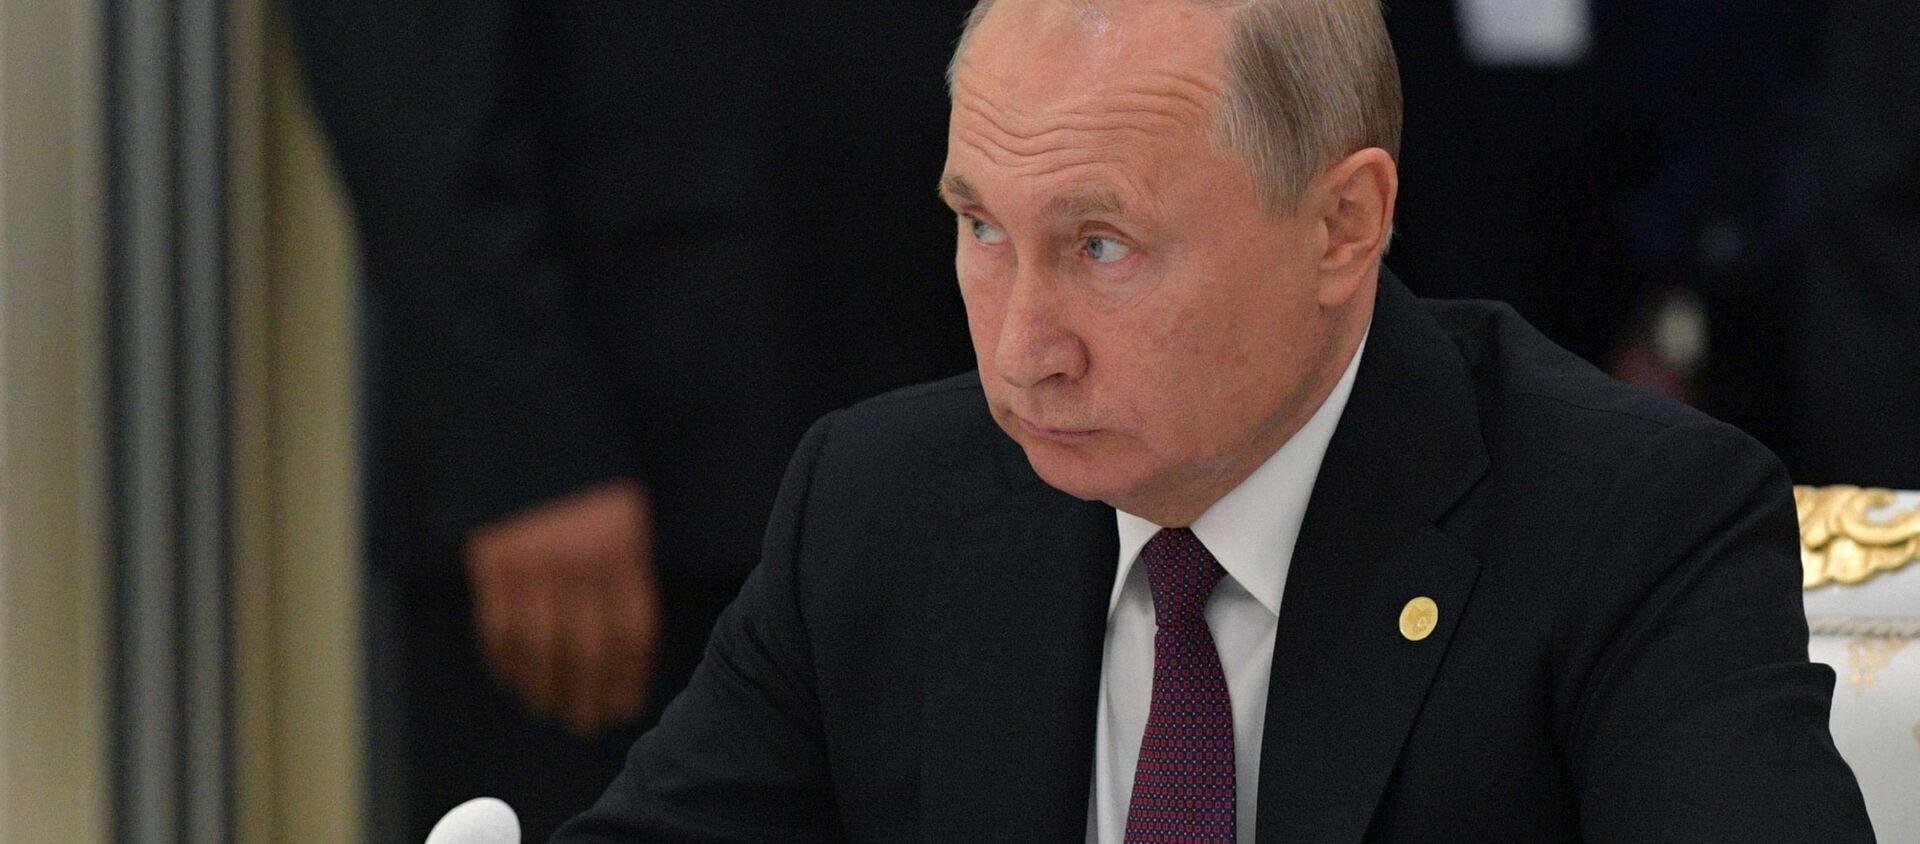 Визит президента РФ В. Путина в Туркмению - Sputnik Абхазия, 1920, 11.10.2019